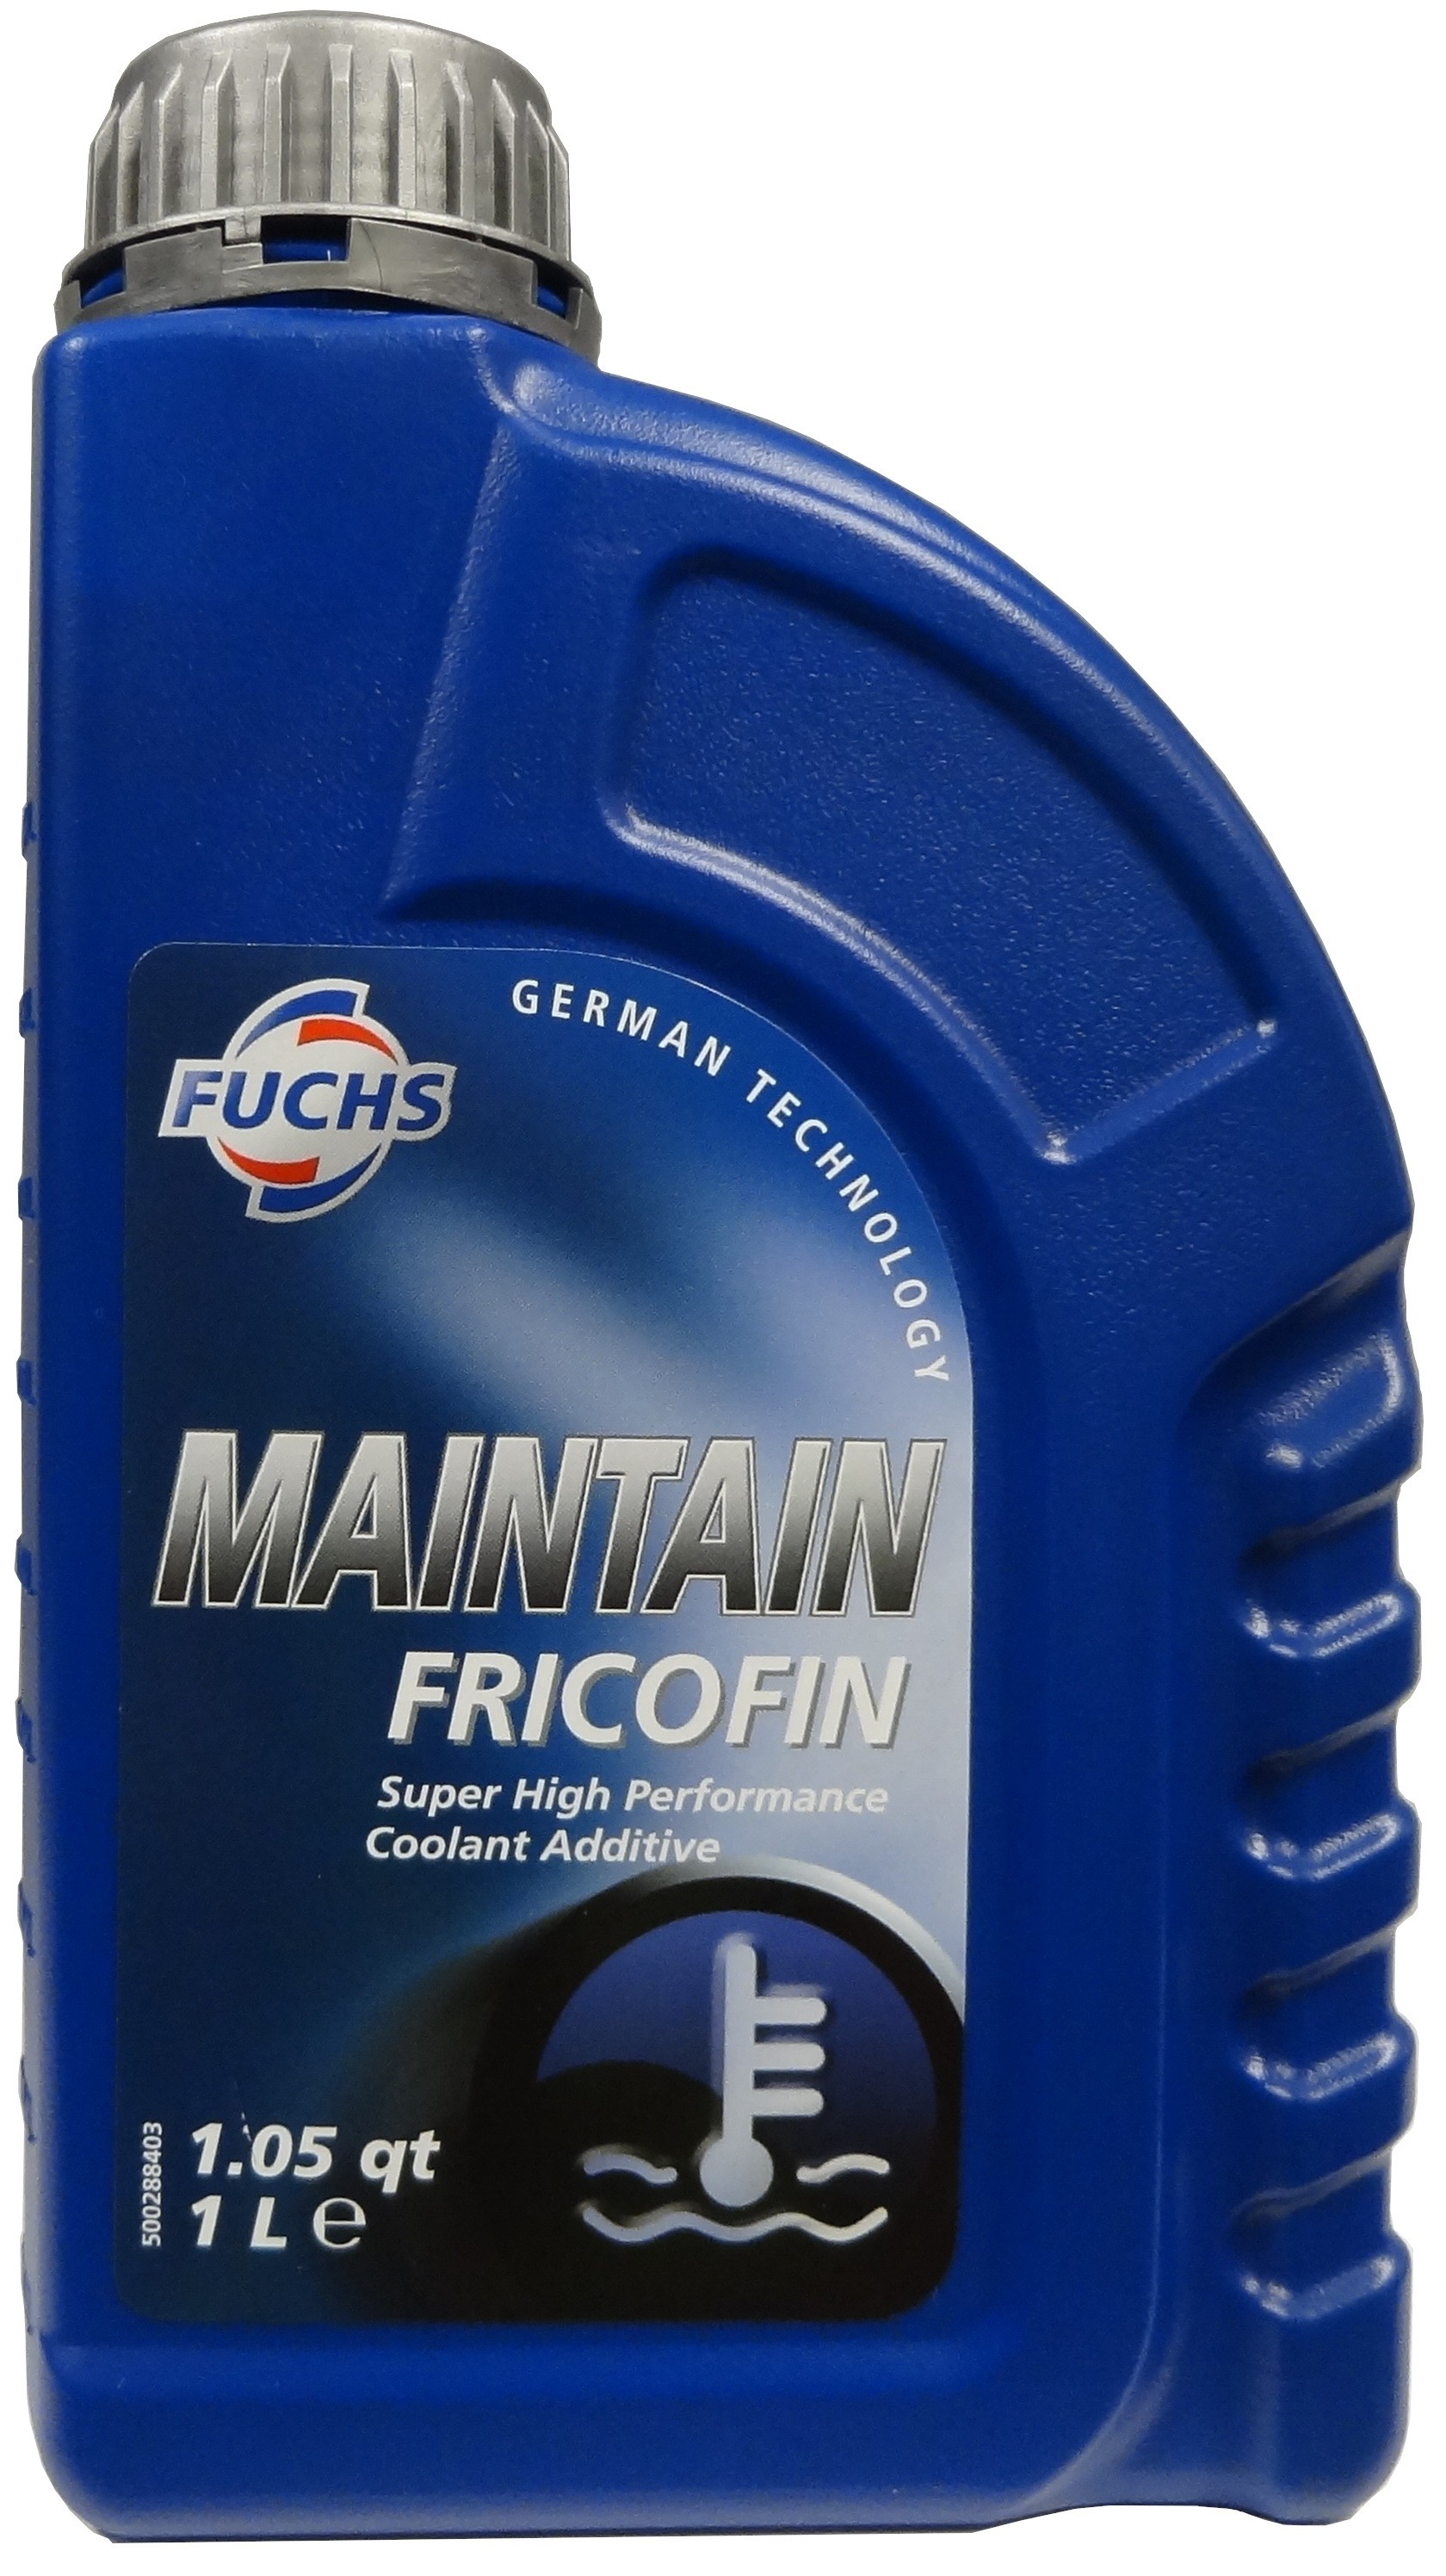 FUCHS MAINTAIN FRICOFIN 1L